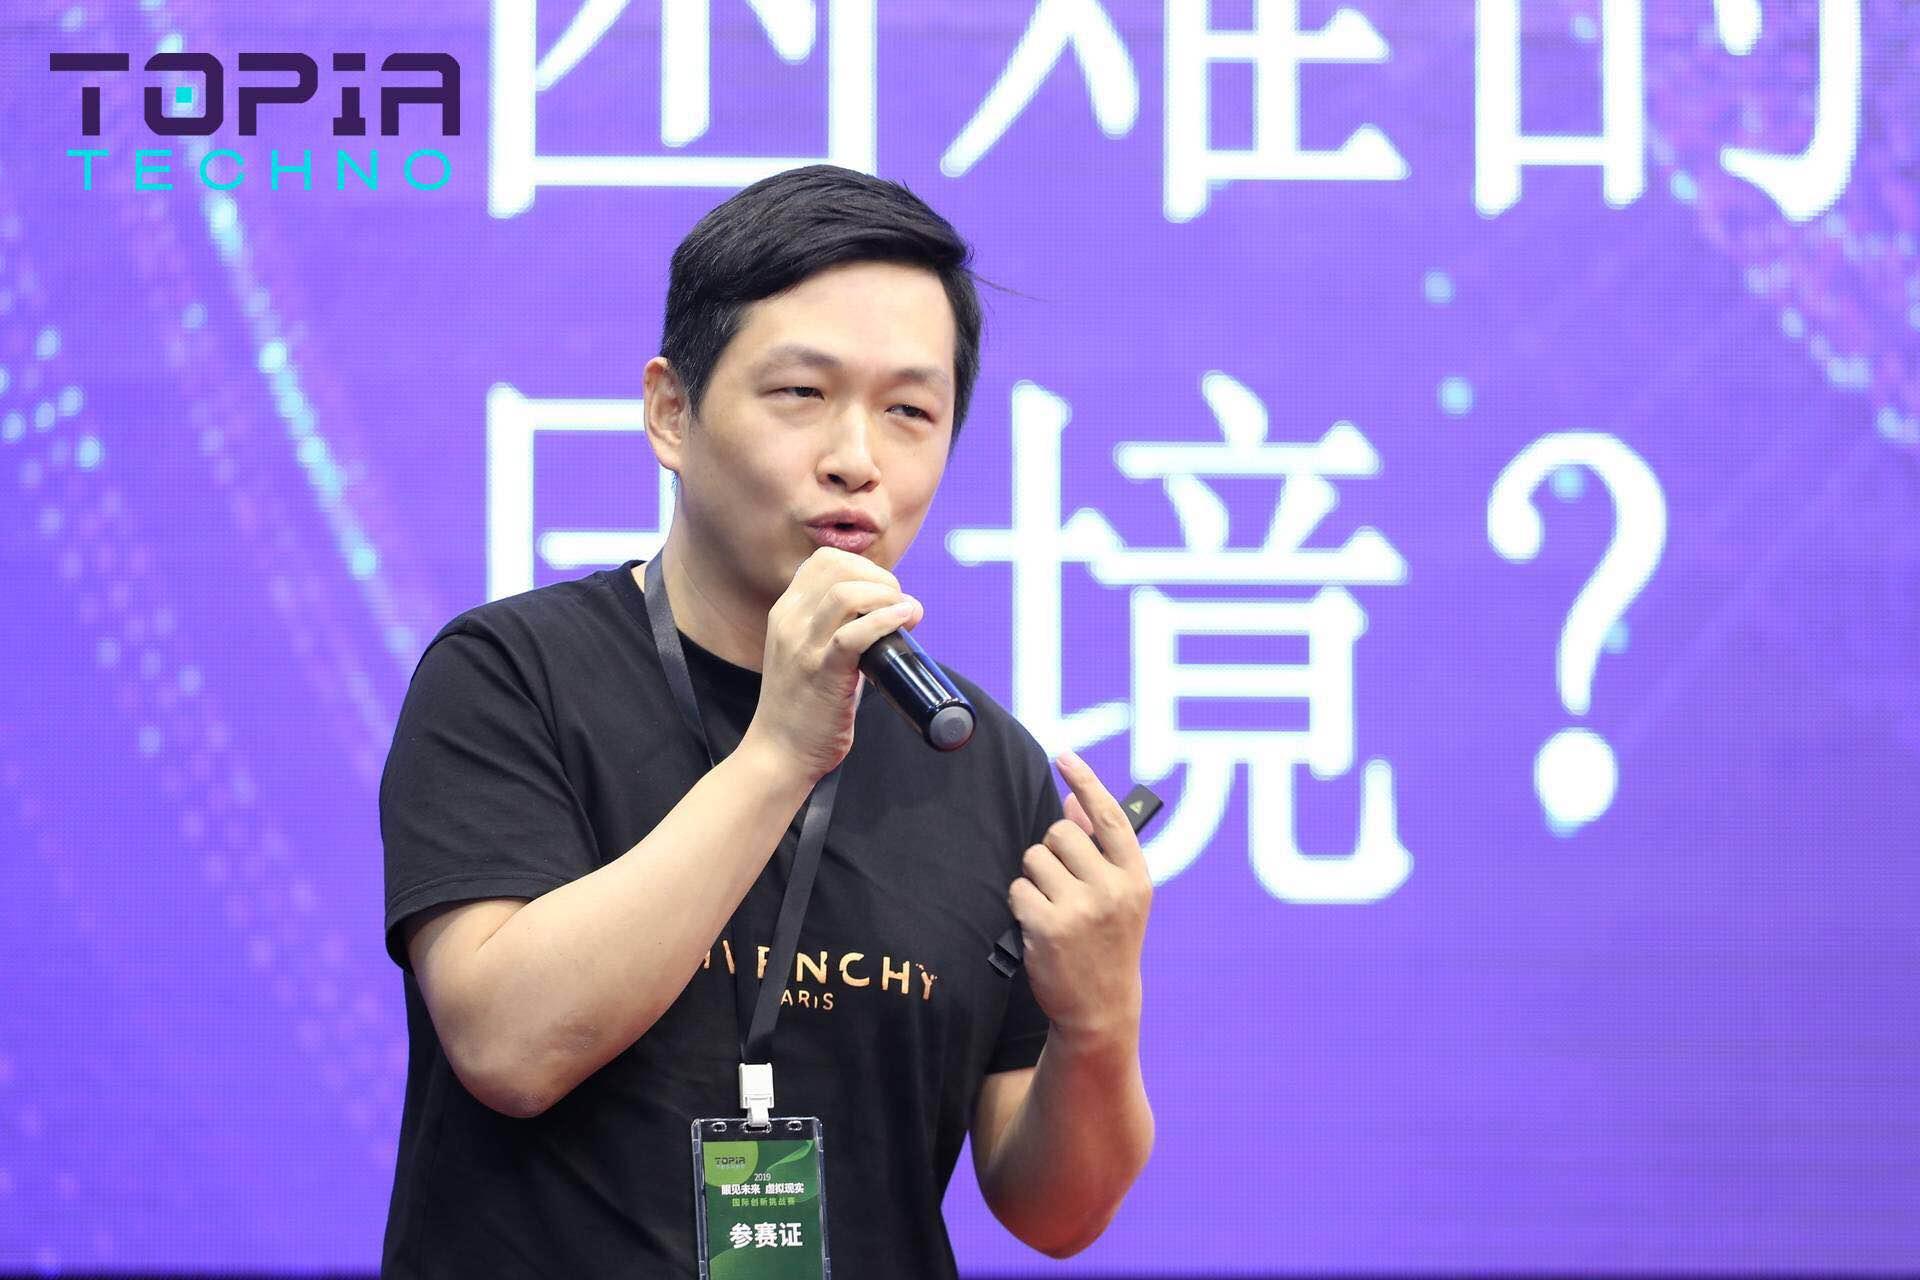 2019 虚拟现实国际创新挑战赛,谷东科技技压群芳彰显强大硬实力